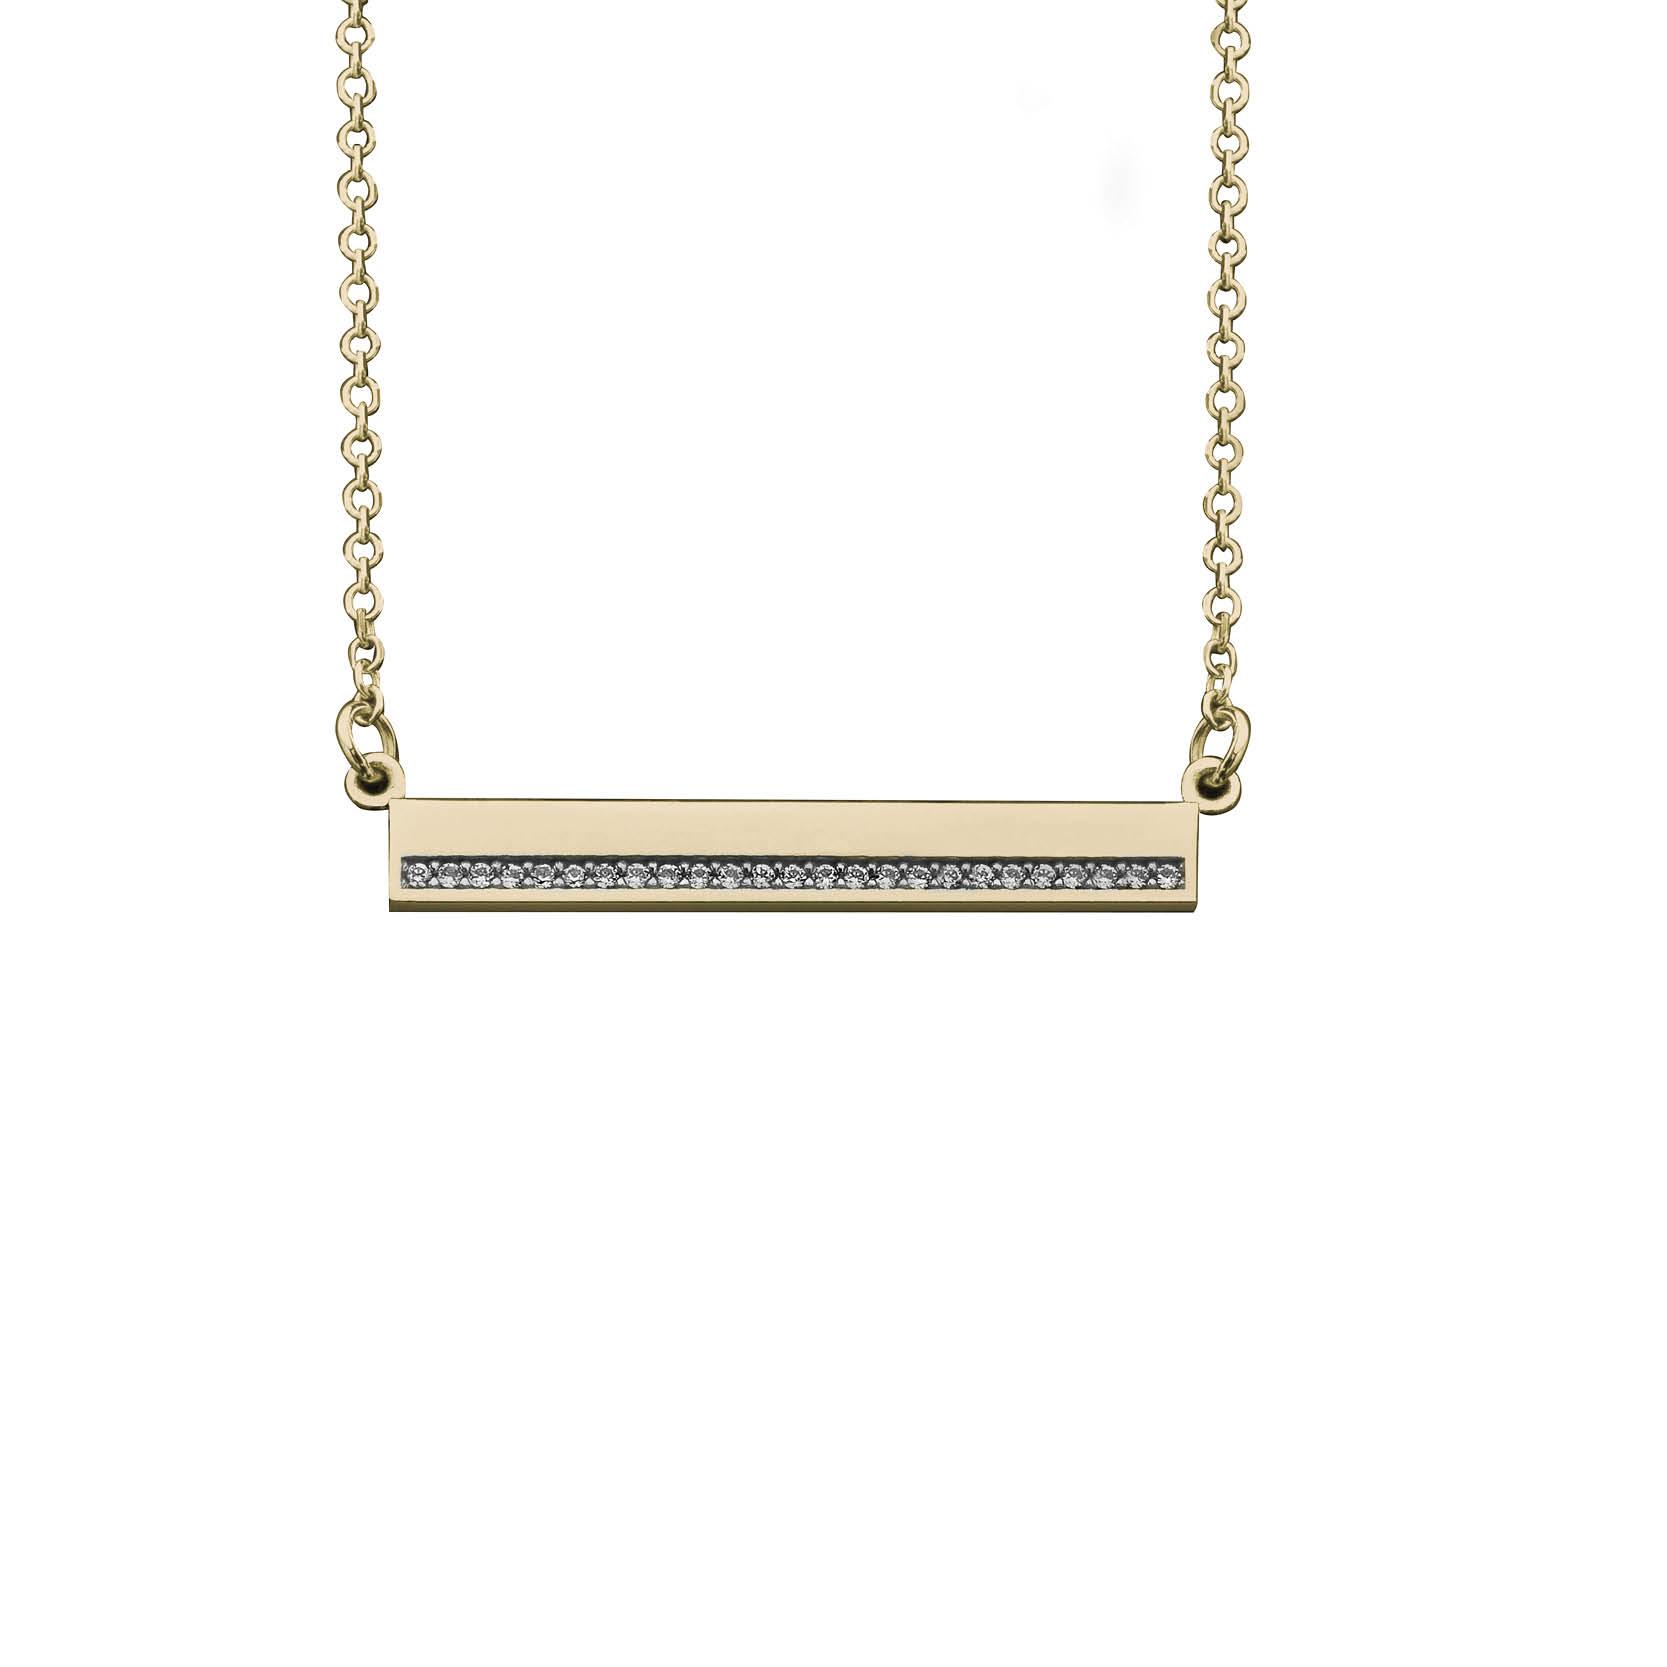 Κολιέ με Ζιργκόν Χρυσός Κ14 - 03Ν390